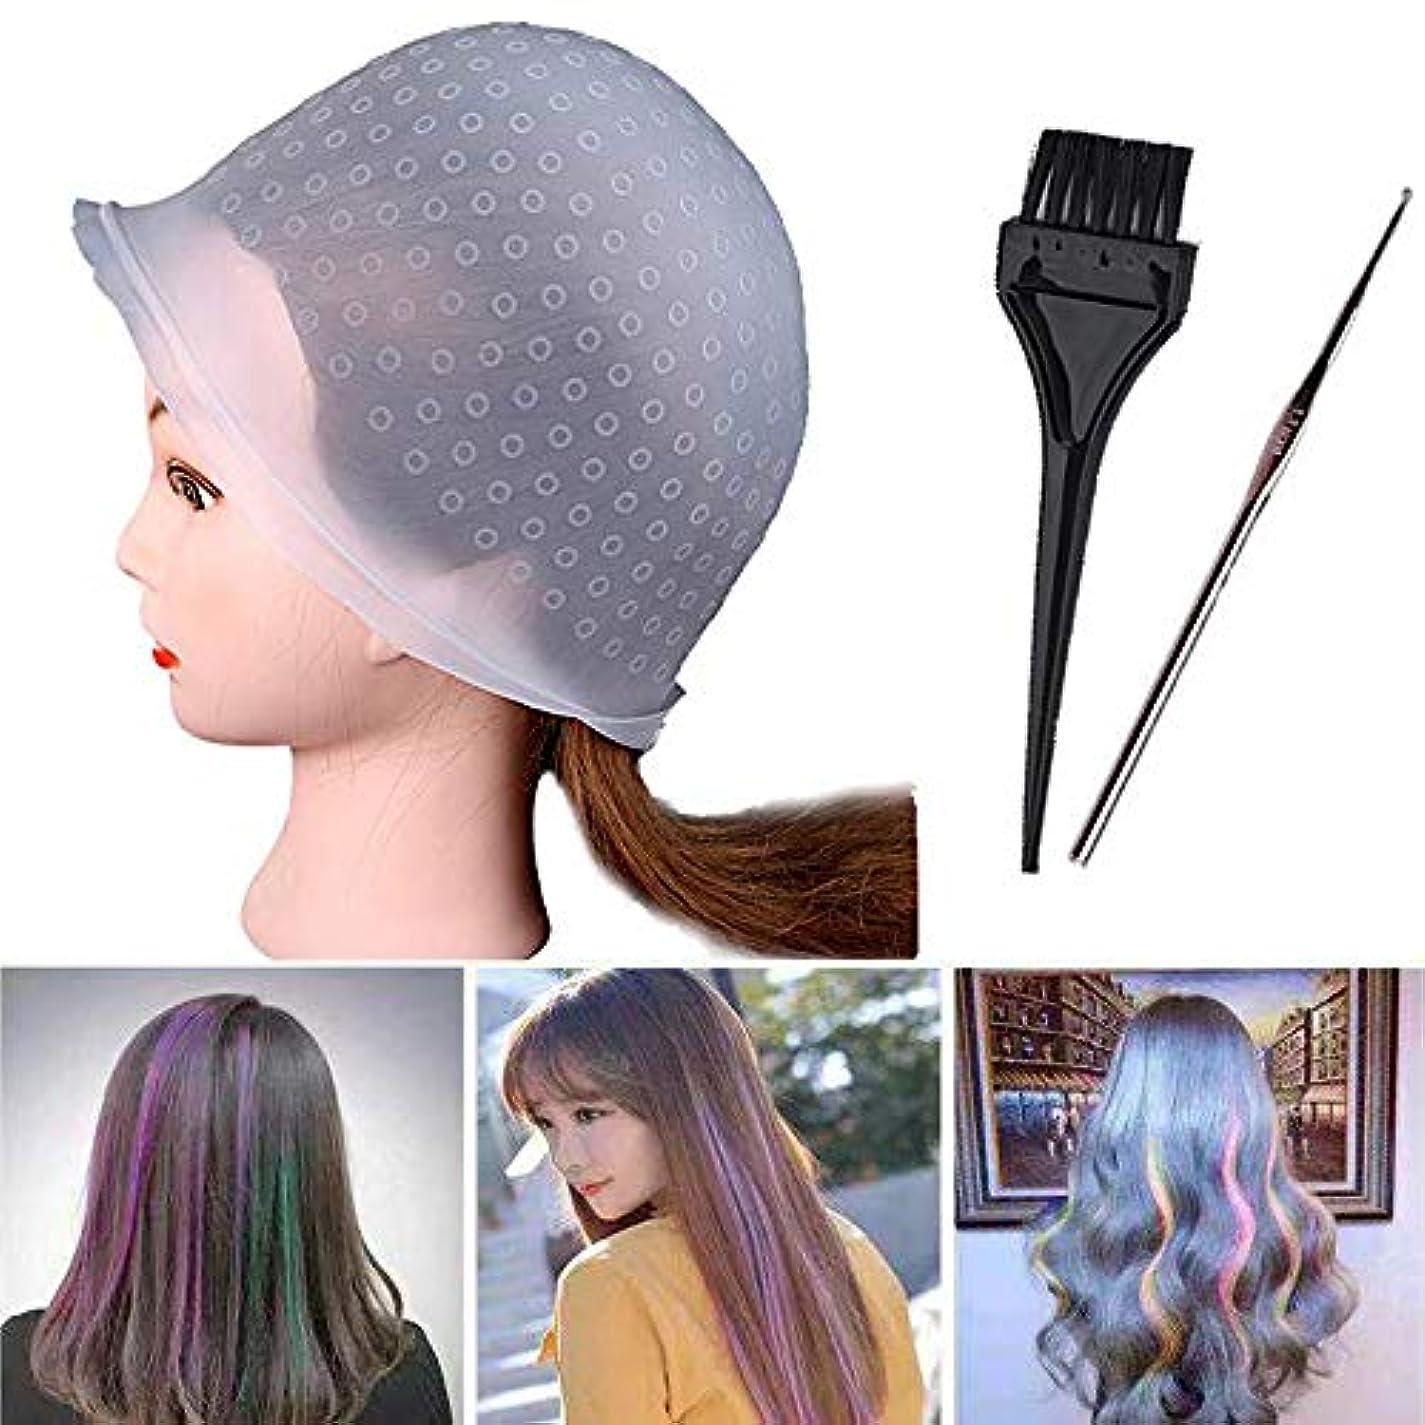 不正確利用可能注意SHKI 毛染めキャップ 髪染め用ヘアキャップ シリコン製 ヘアカラーヘアキャップ 自宅でヘアカラーを楽しんで美容サロン仕様 棒とブラシ付き